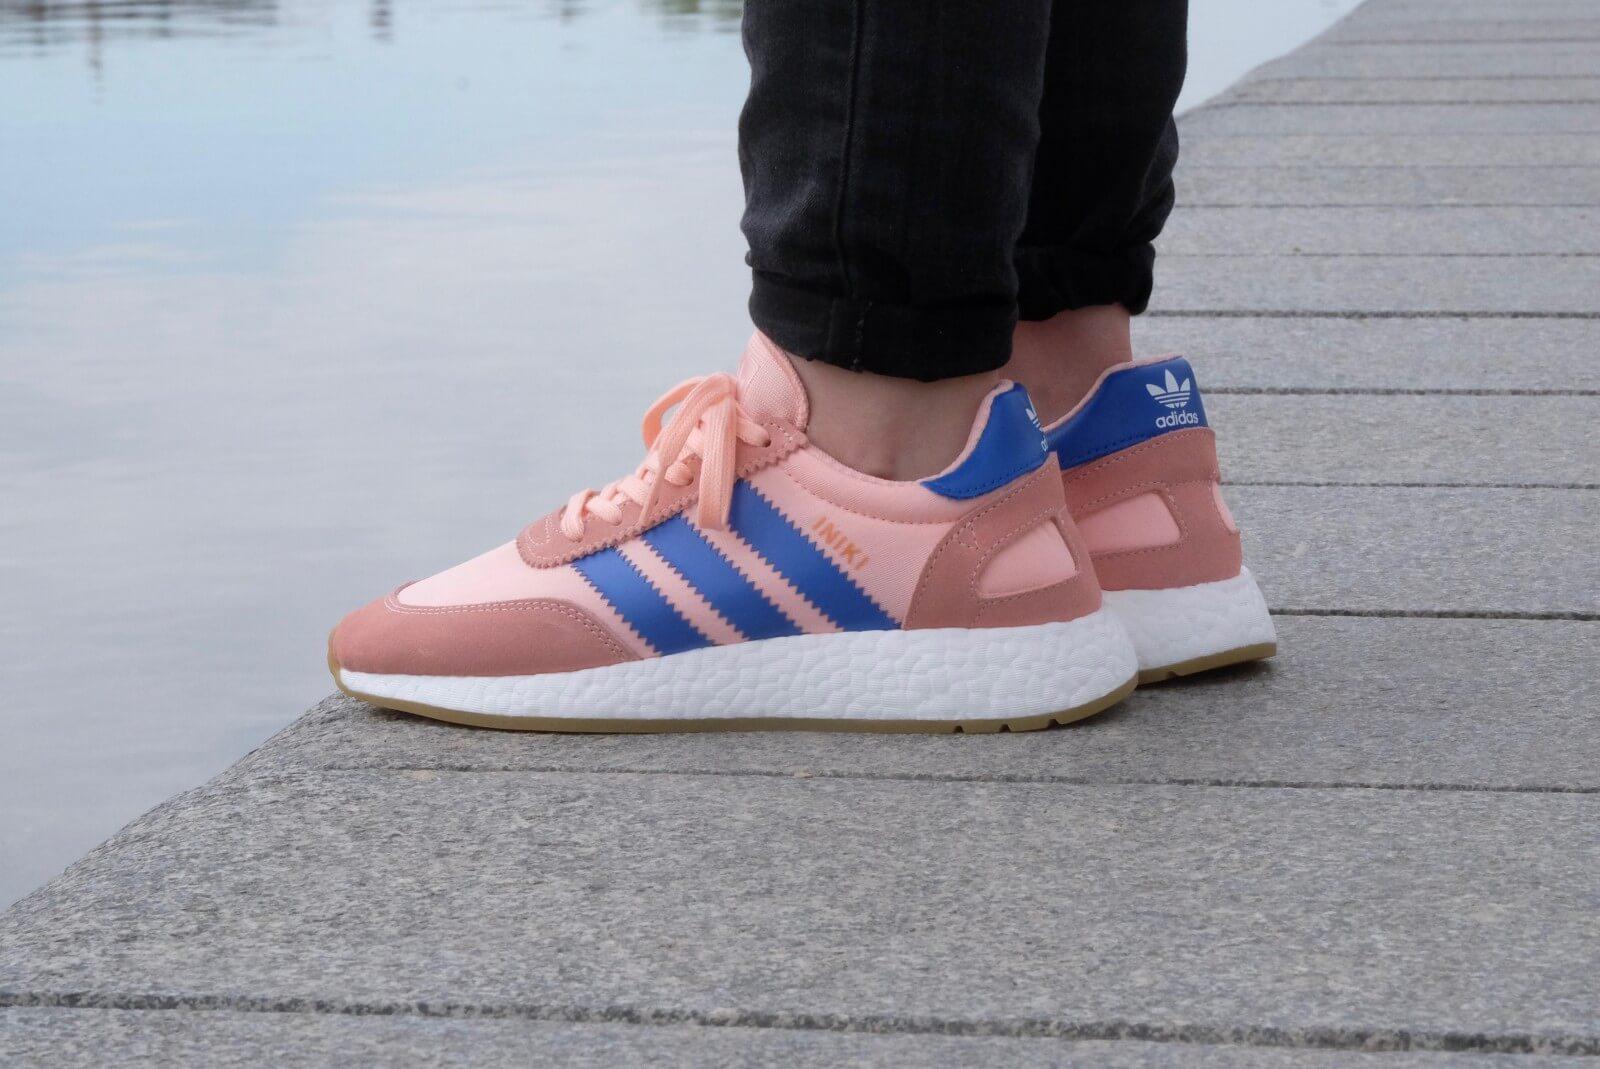 Amoroso Excremento Percepción  Adidas WMNS Iniki Runner Pink/Blue - BA9999